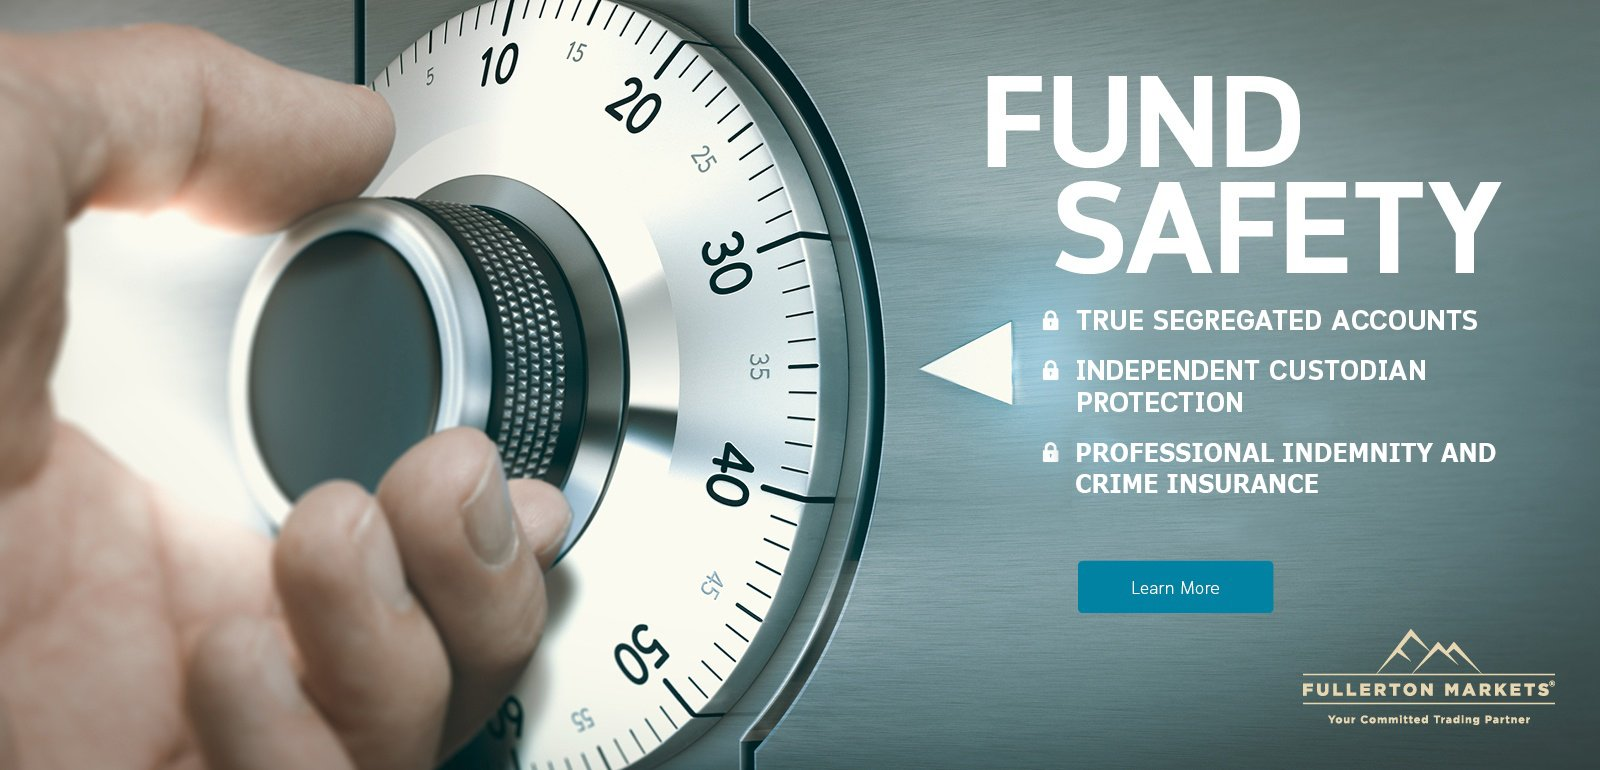 FundSafety